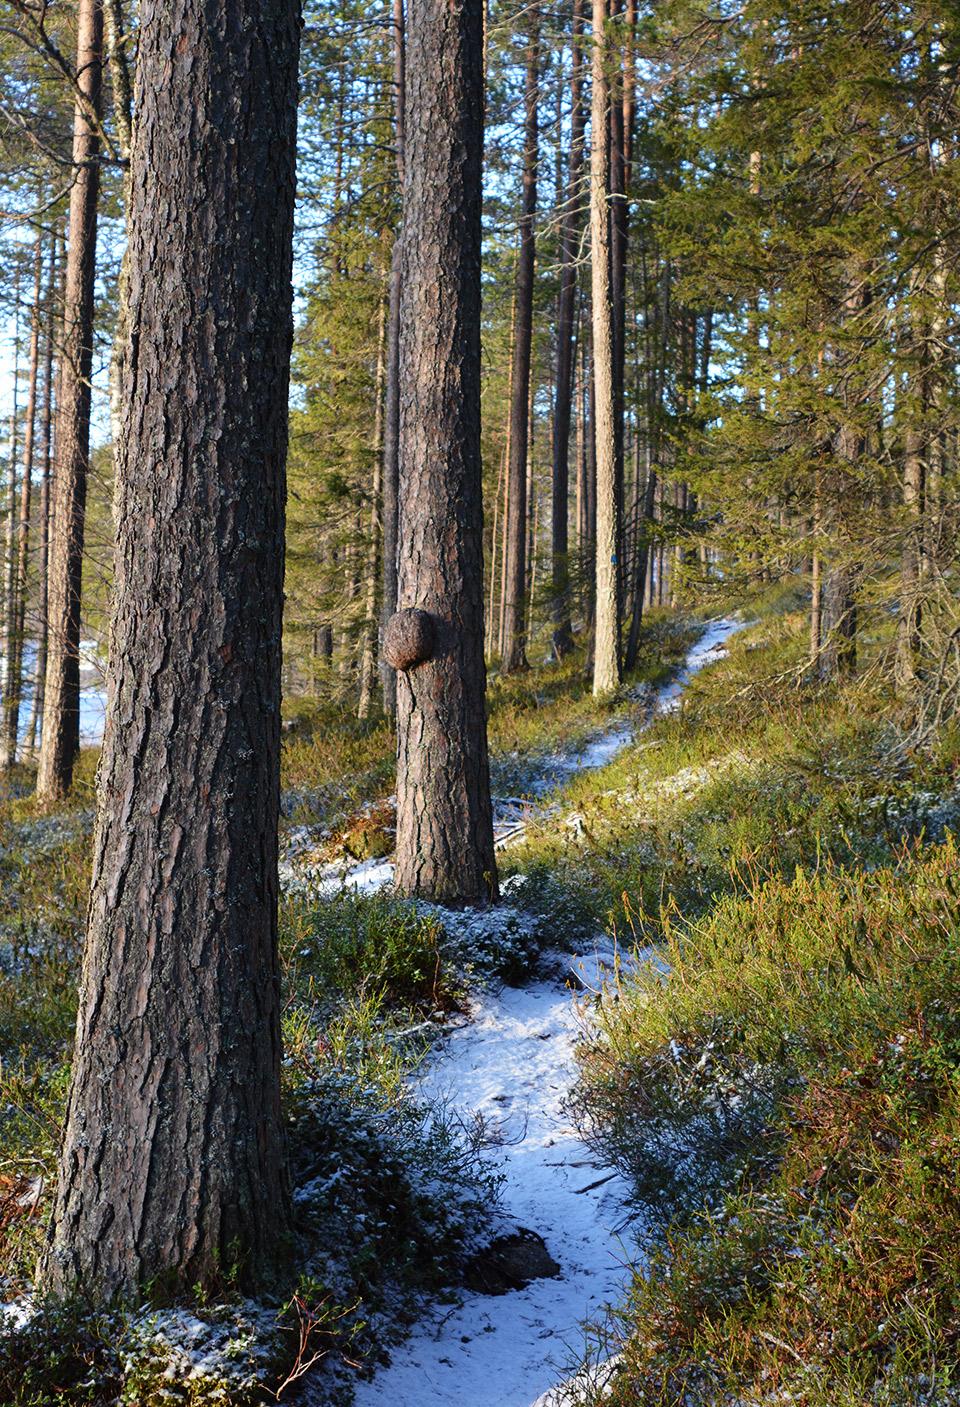 Ohuen lumen peittämä polku, jonka vierellä muutamia isompia puita. Yhdessä puussa kasvaa pahka.